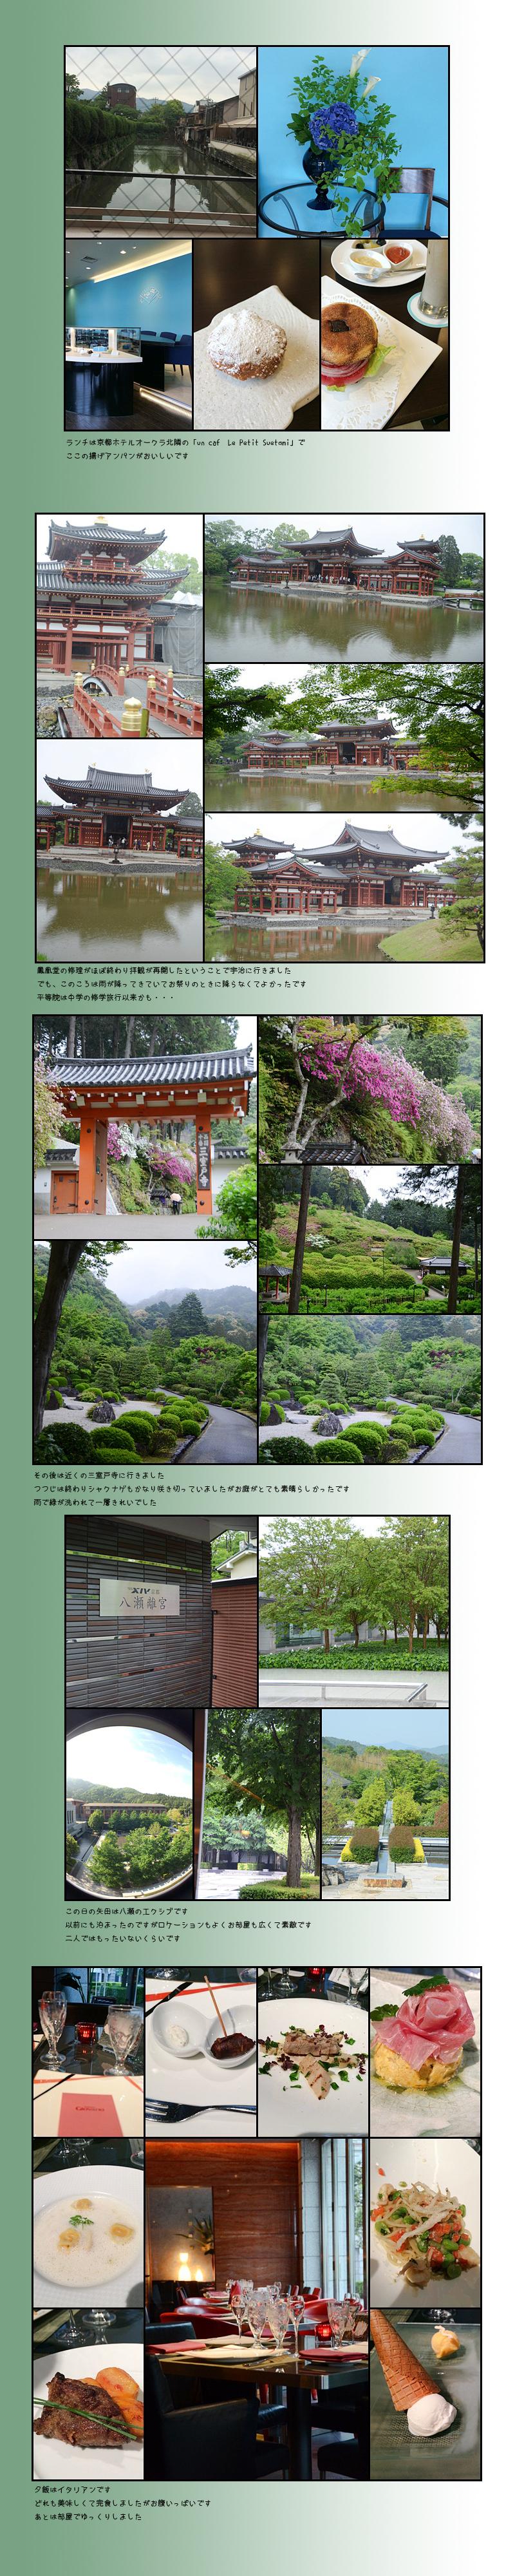 5月17日葵祭2